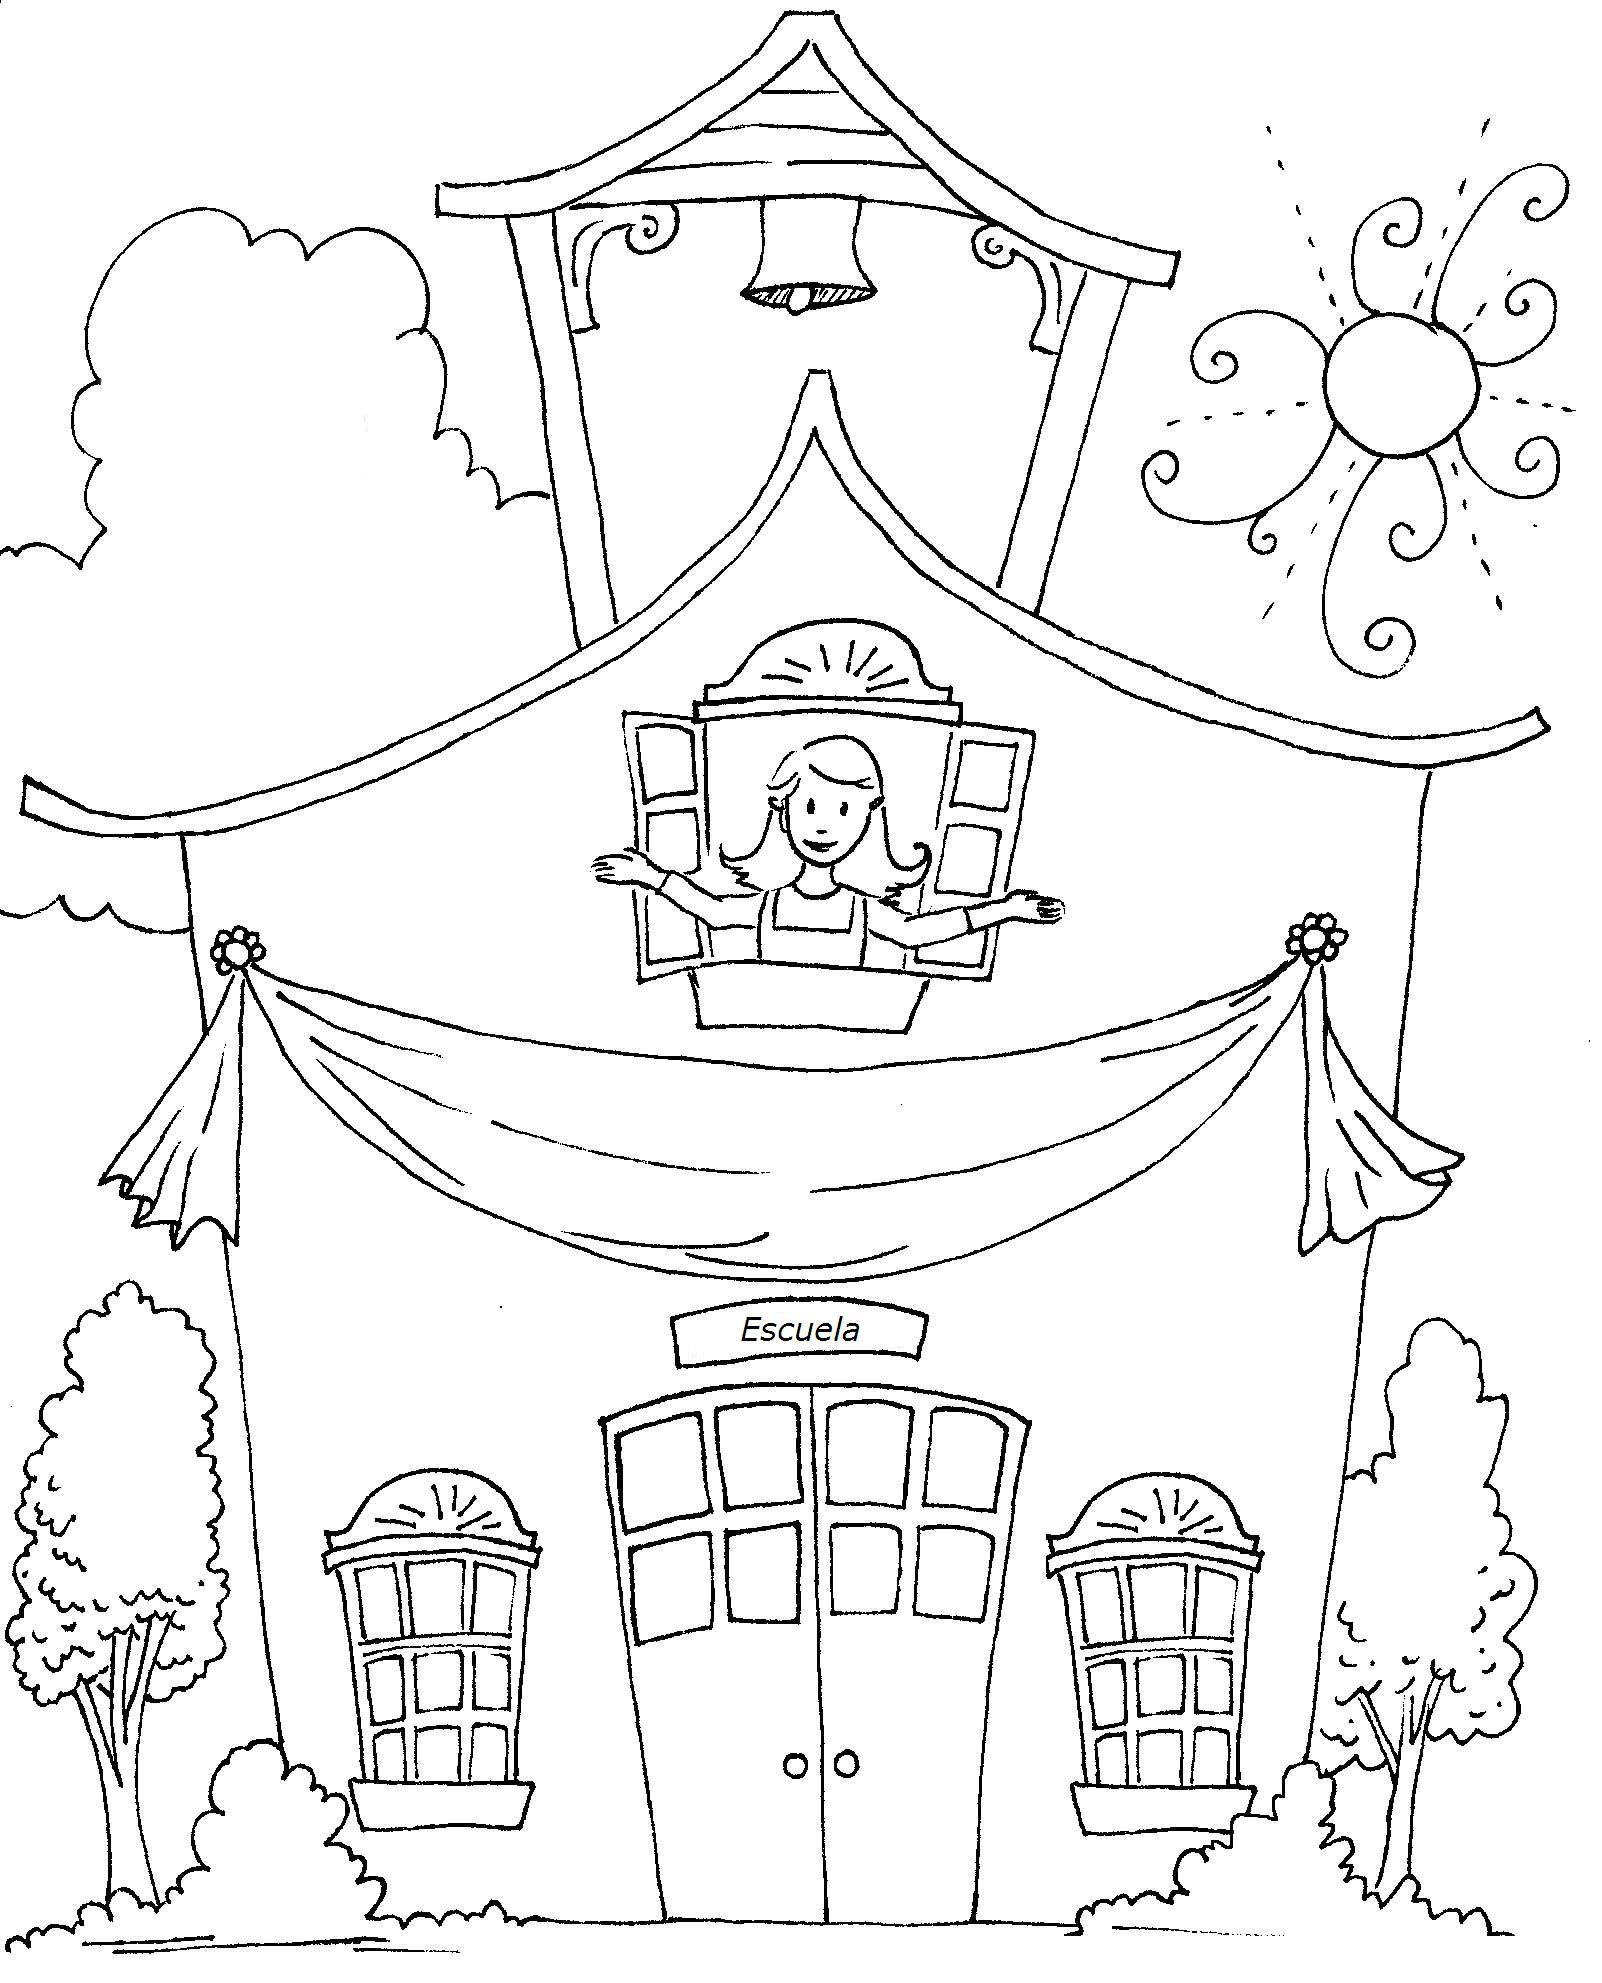 imagen de escuelas para colorear archivos dibujos